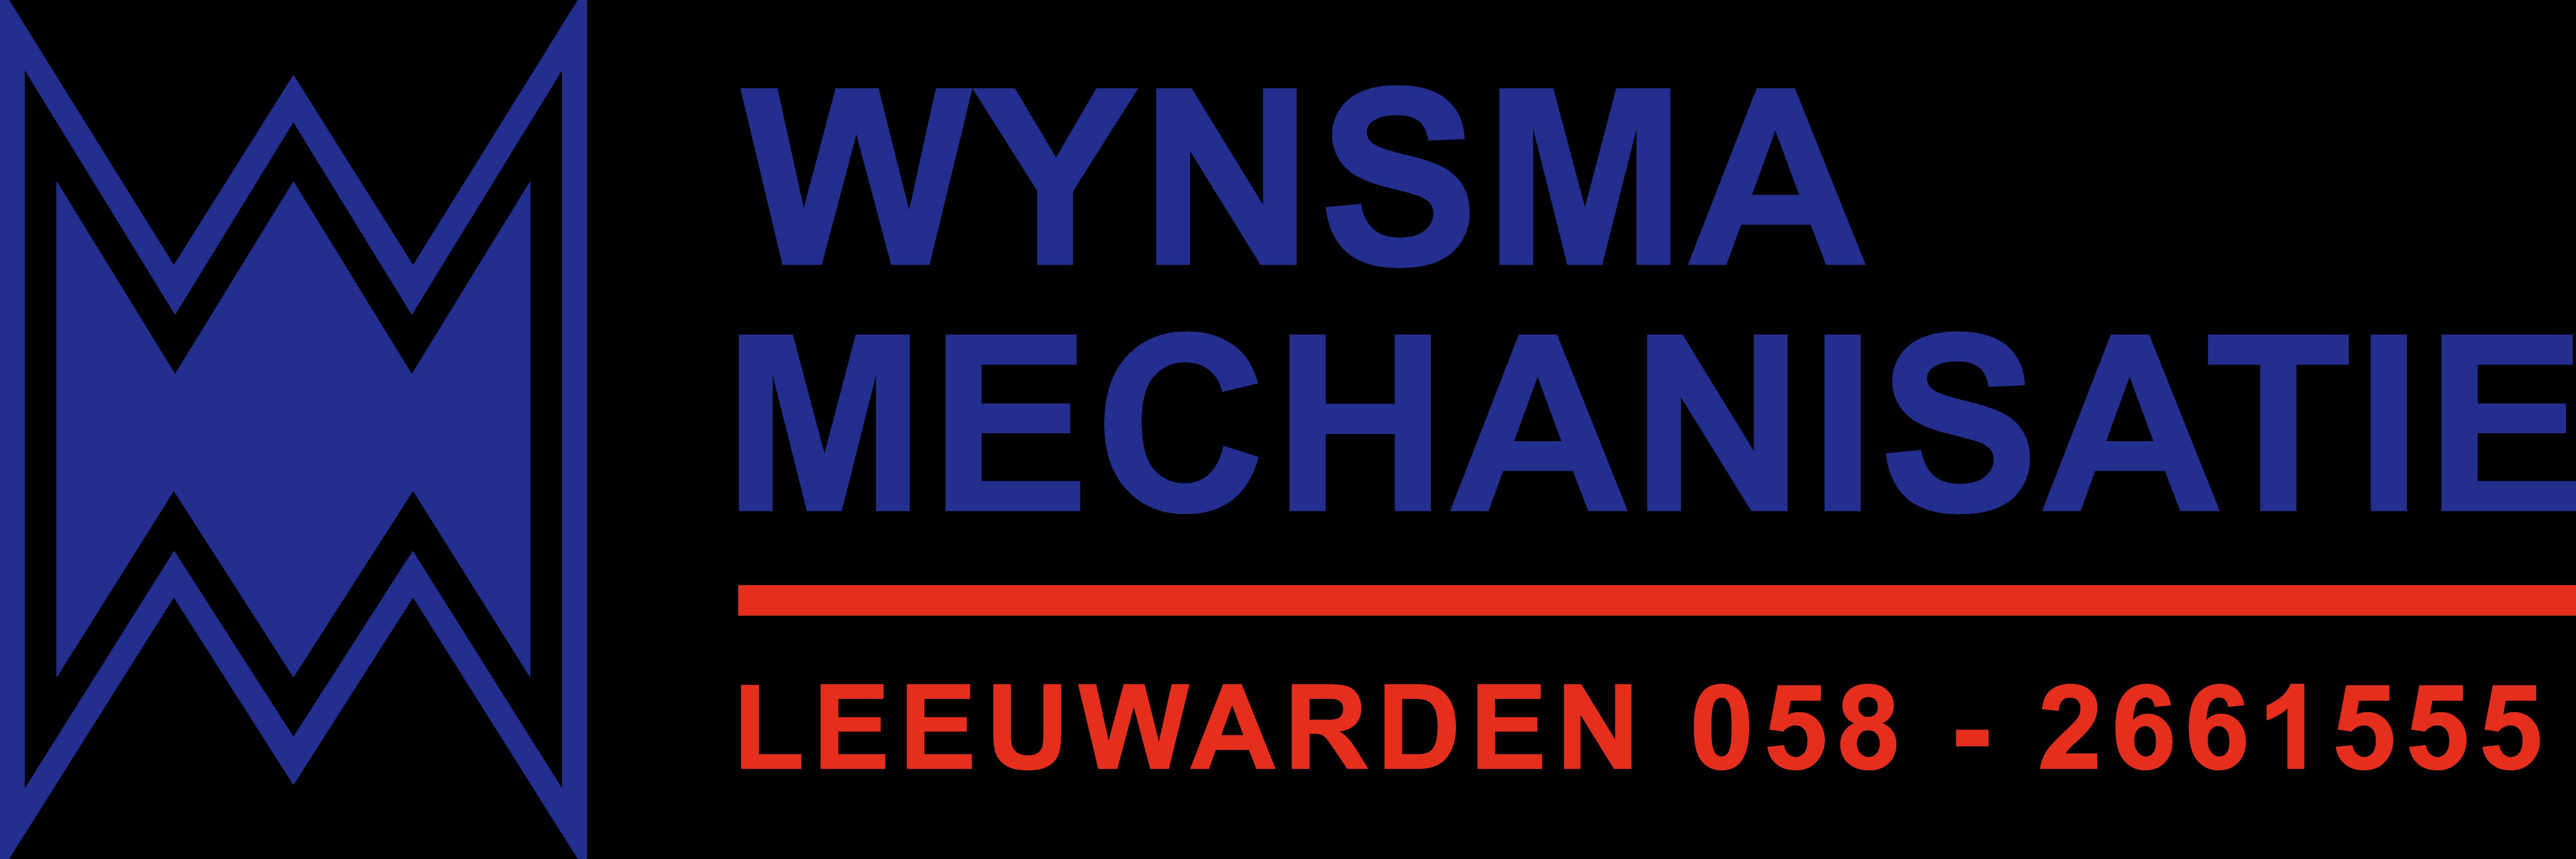 Wynsma Mechanisatie